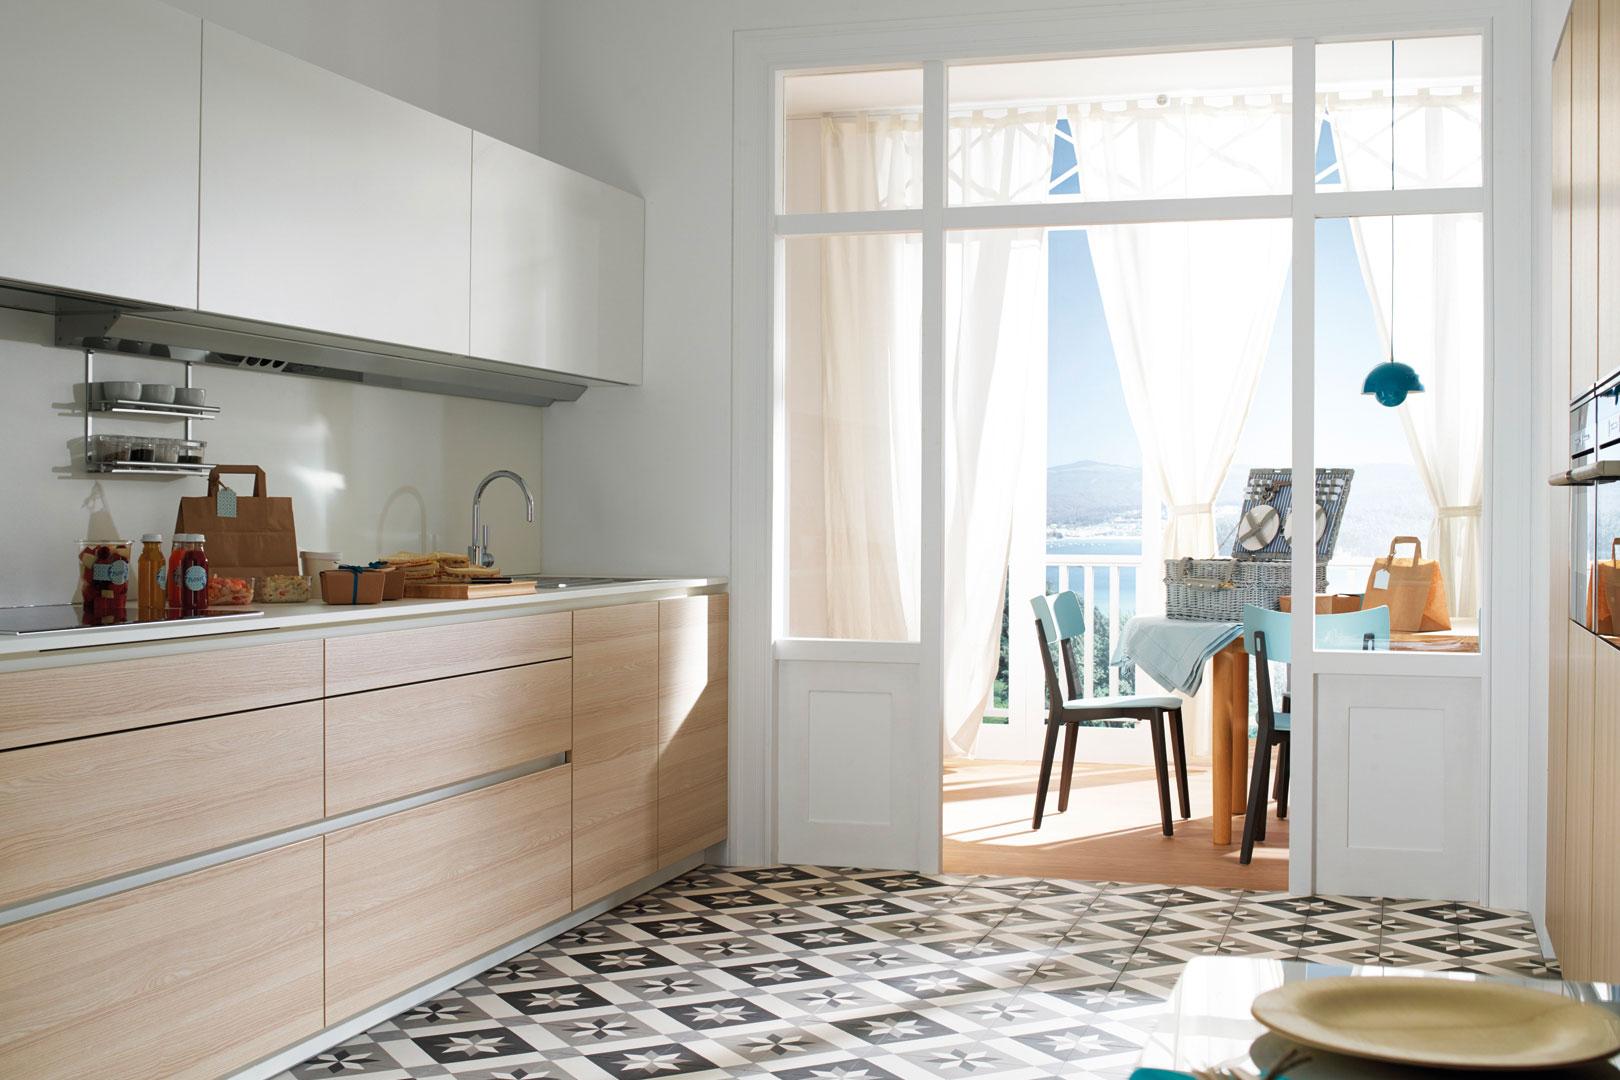 Últimas tendencias en azulejos de cocina